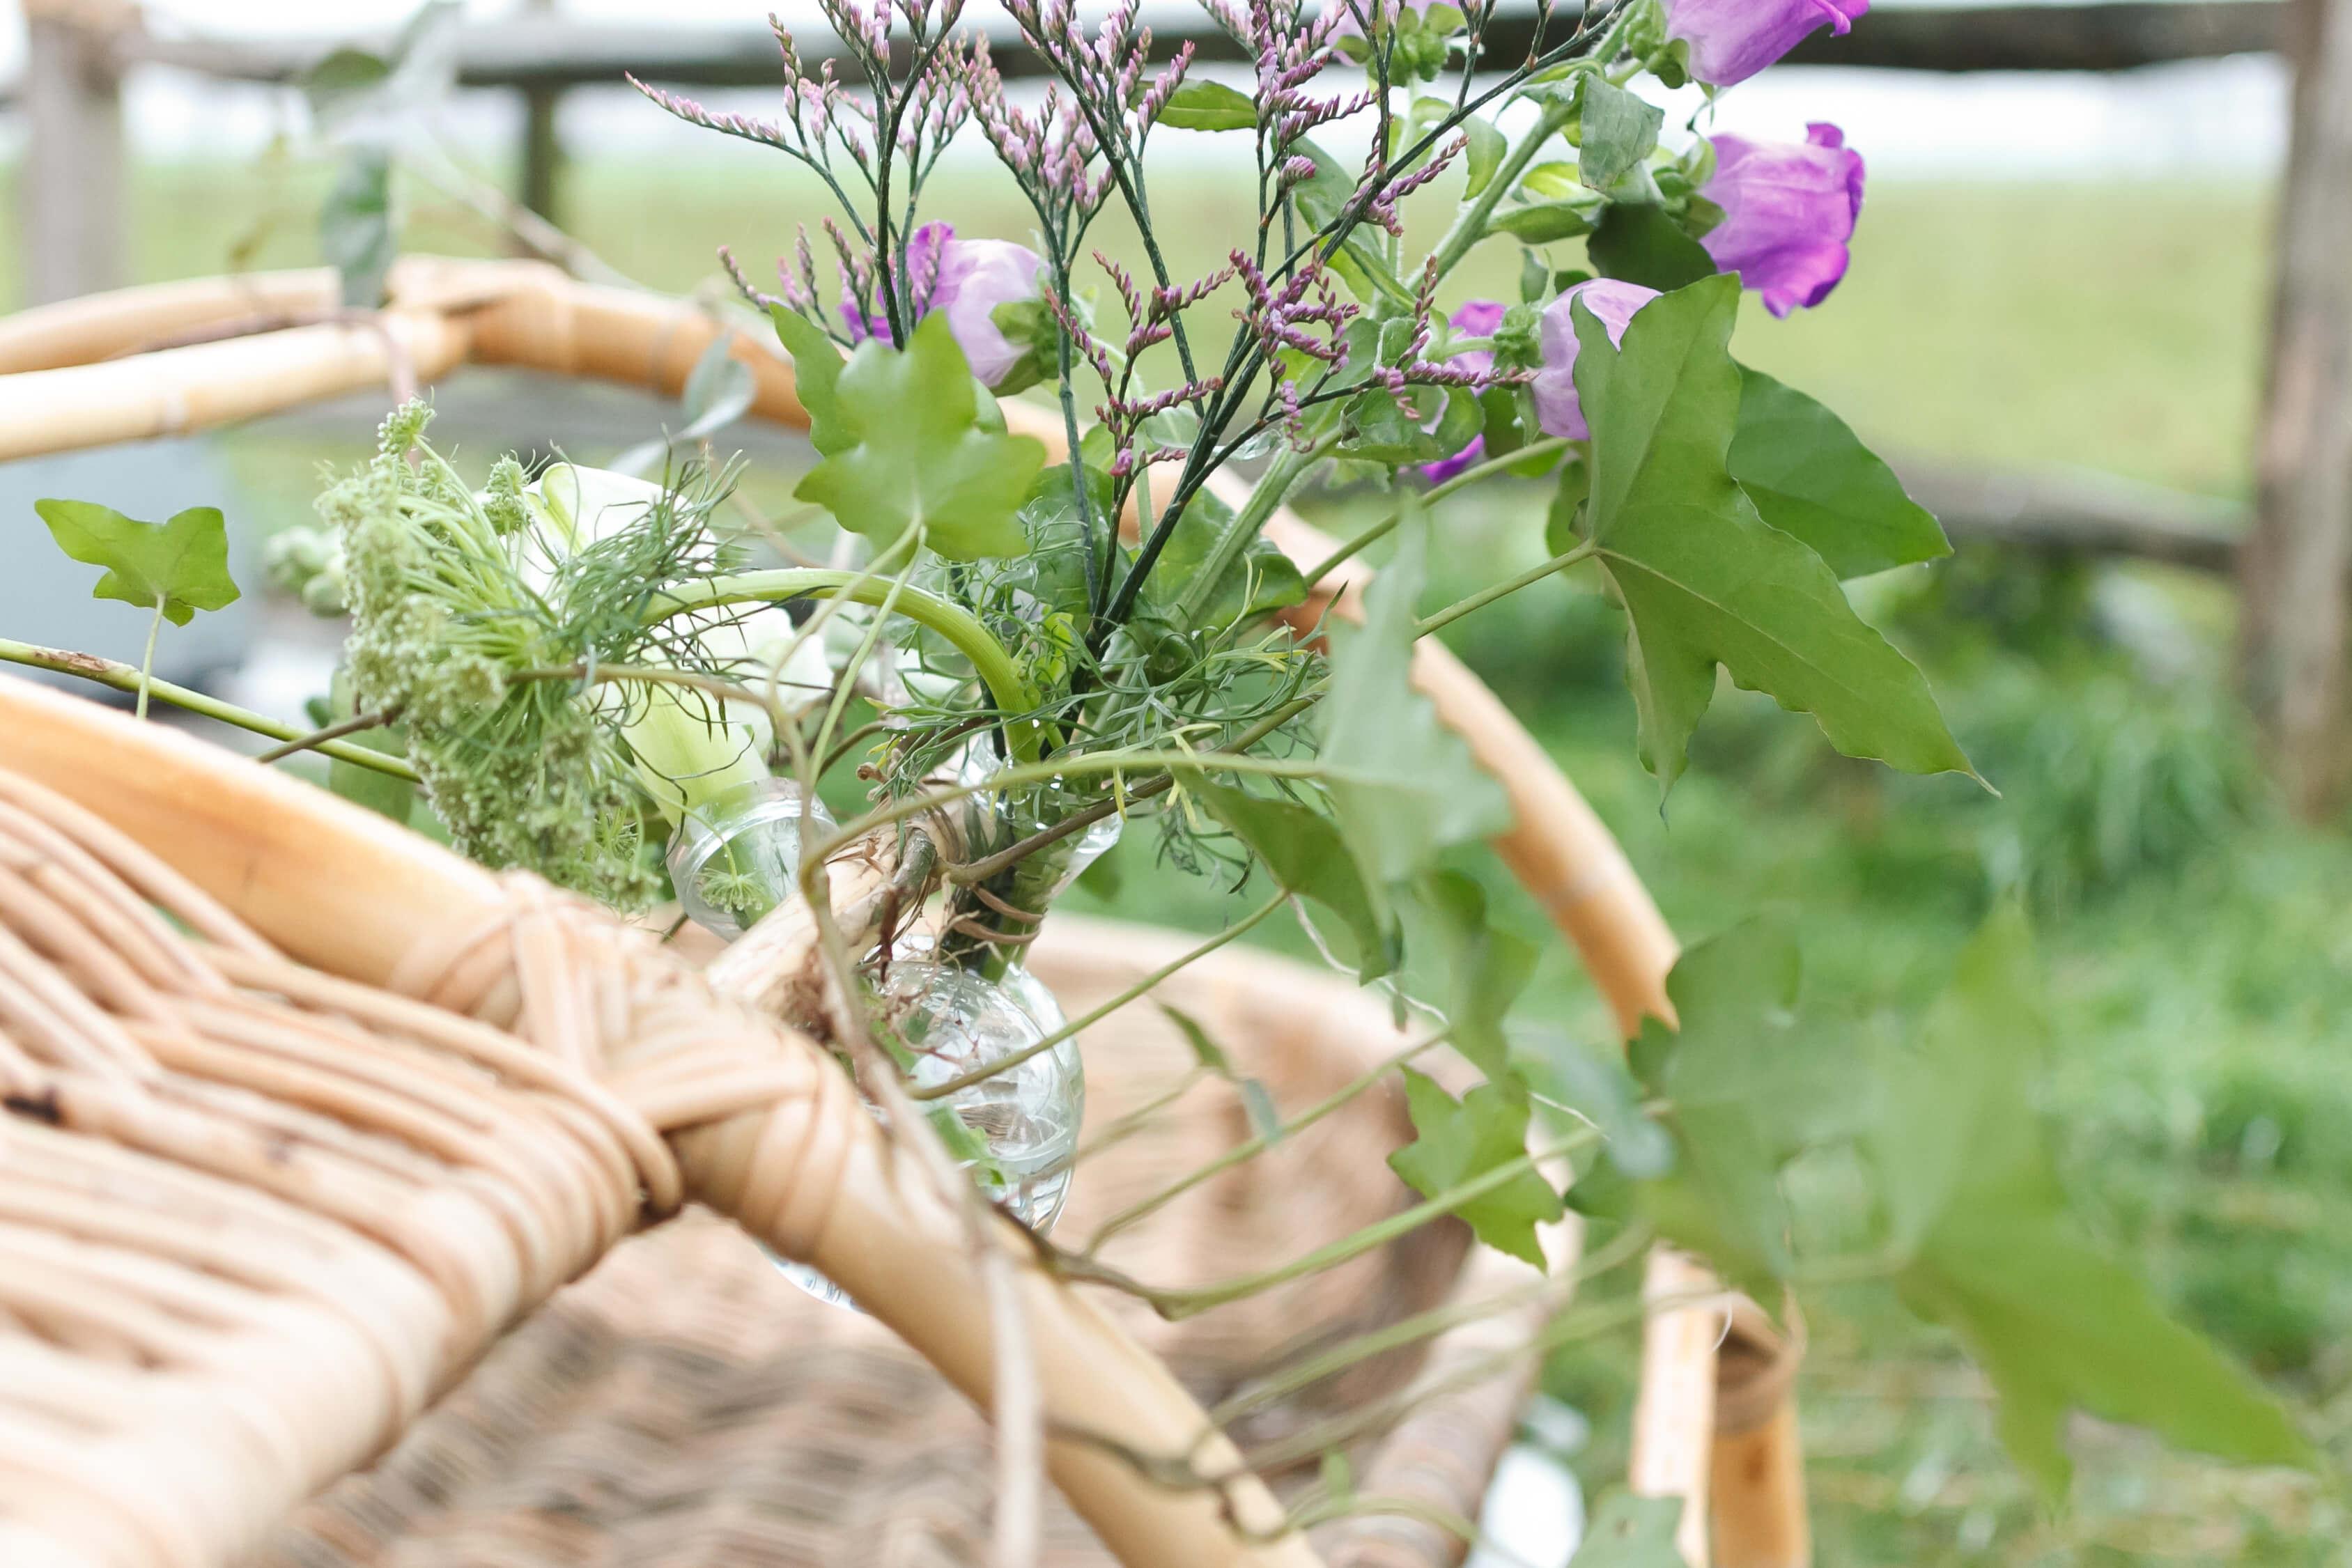 Natuurlijk Afscheid uitvaartbegeleider natuurbegraven rituelen en symbolen bij een uitvaart frame met bloemen